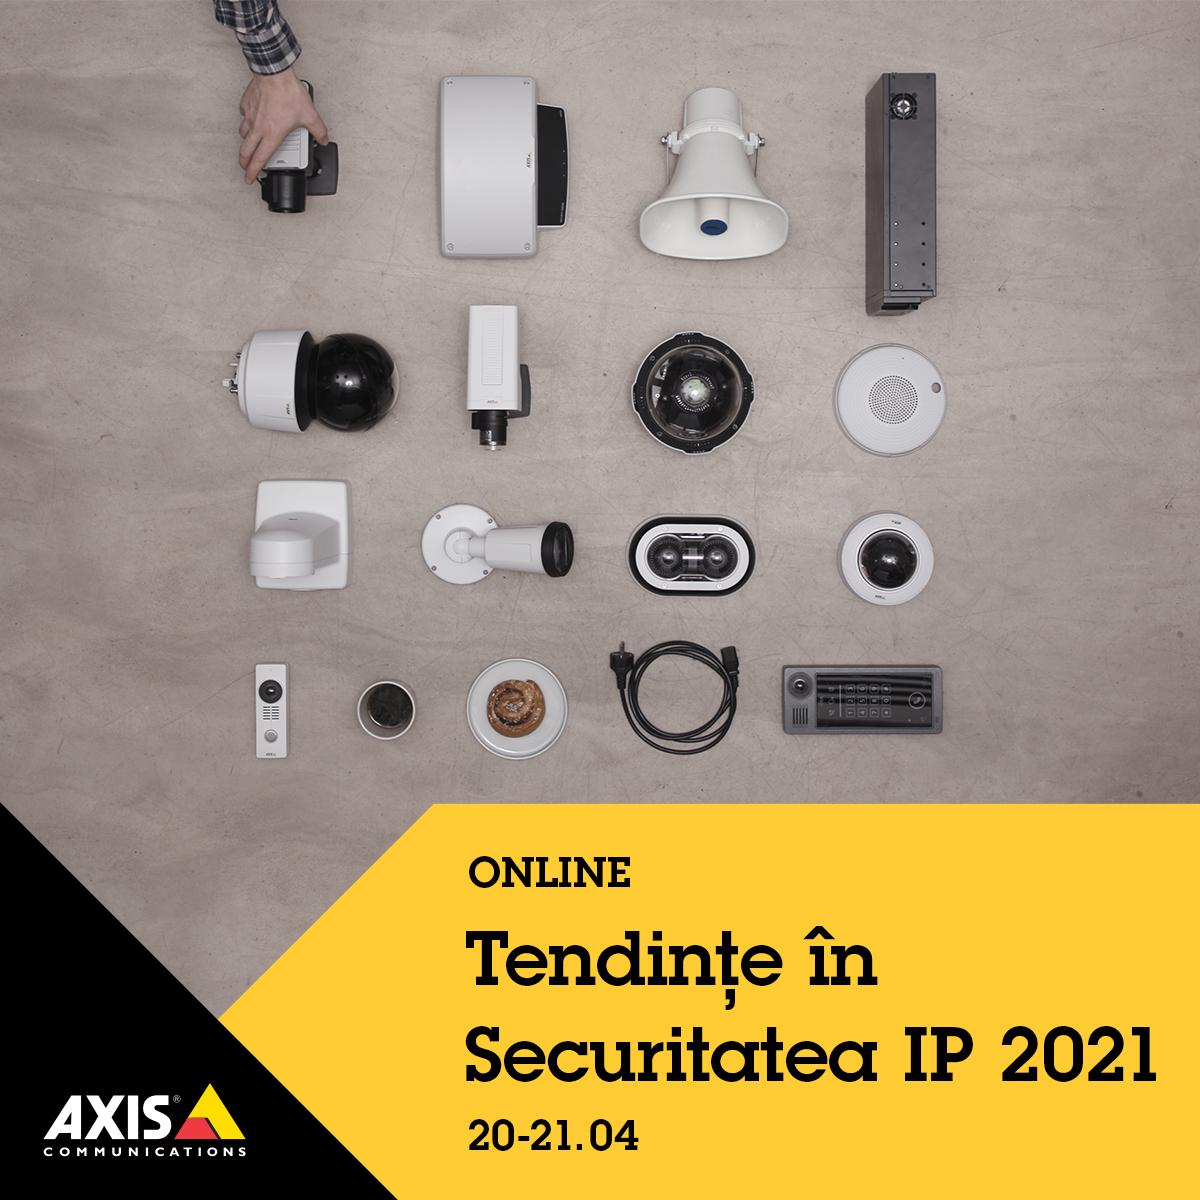 Axis Talk 2021 1200x1200 EN